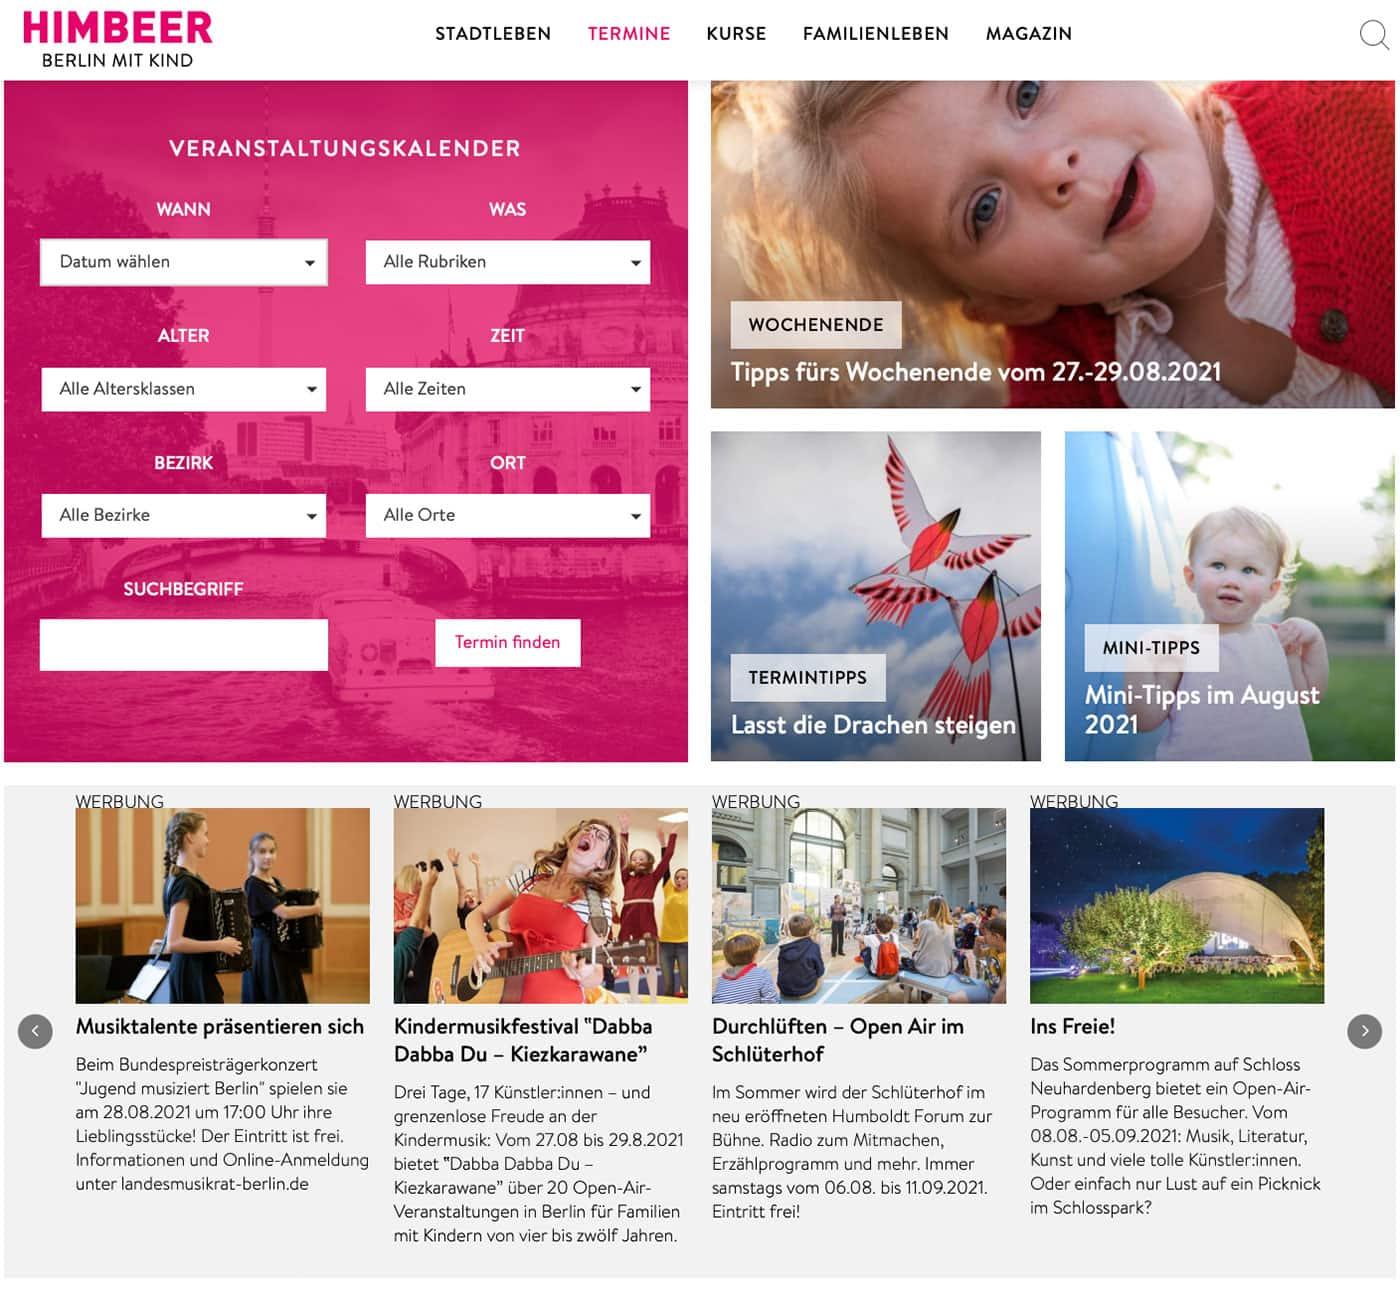 Online-Werbeformate auf berlinmitkind.de: Mit Top-Terminen gezielt Events bewerben // HIMBEER